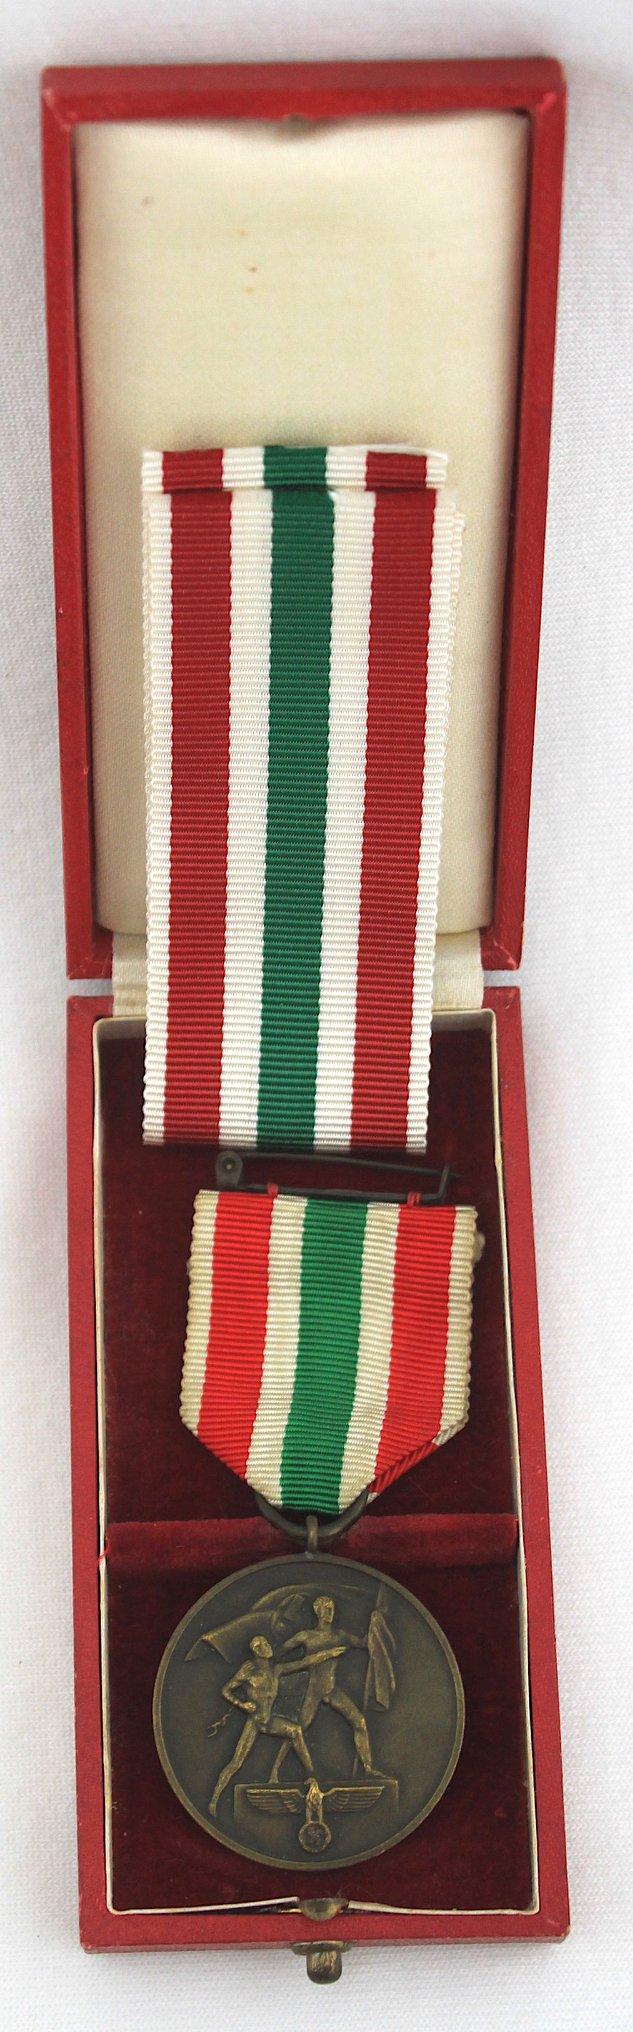 二戰德軍,盒裝梅梅爾回歸獎章!